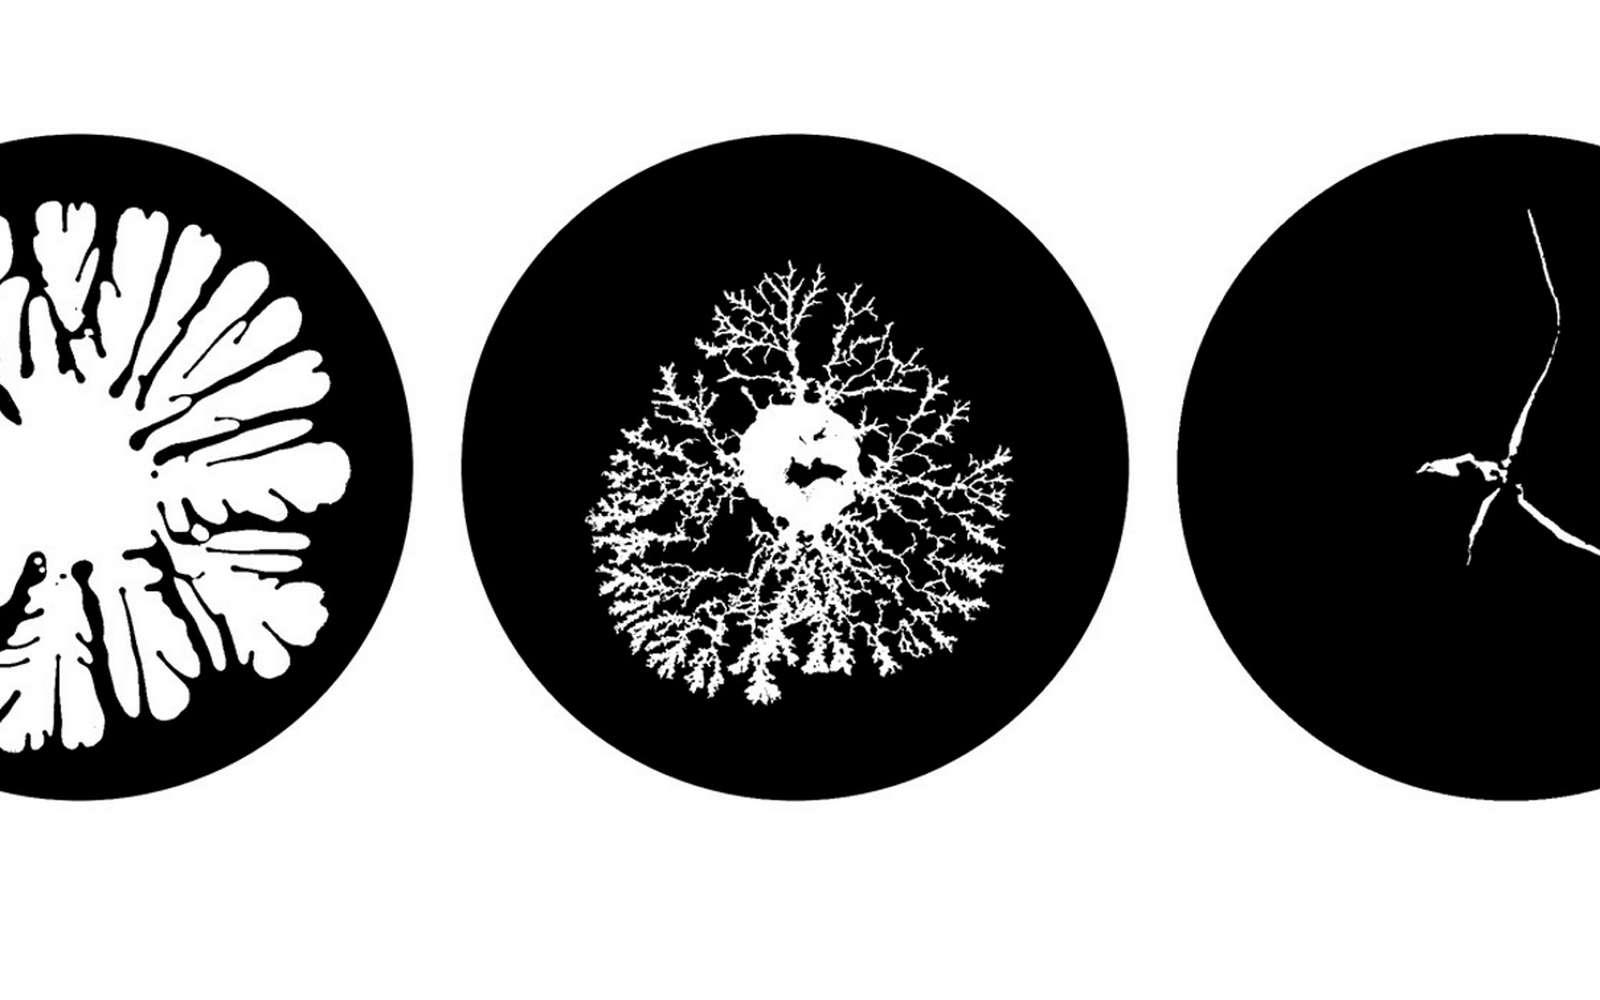 Trois comportements différents d'un fluide non-newtonien, obtenus en variant la pression de l'air injecté. © Université de Swansea